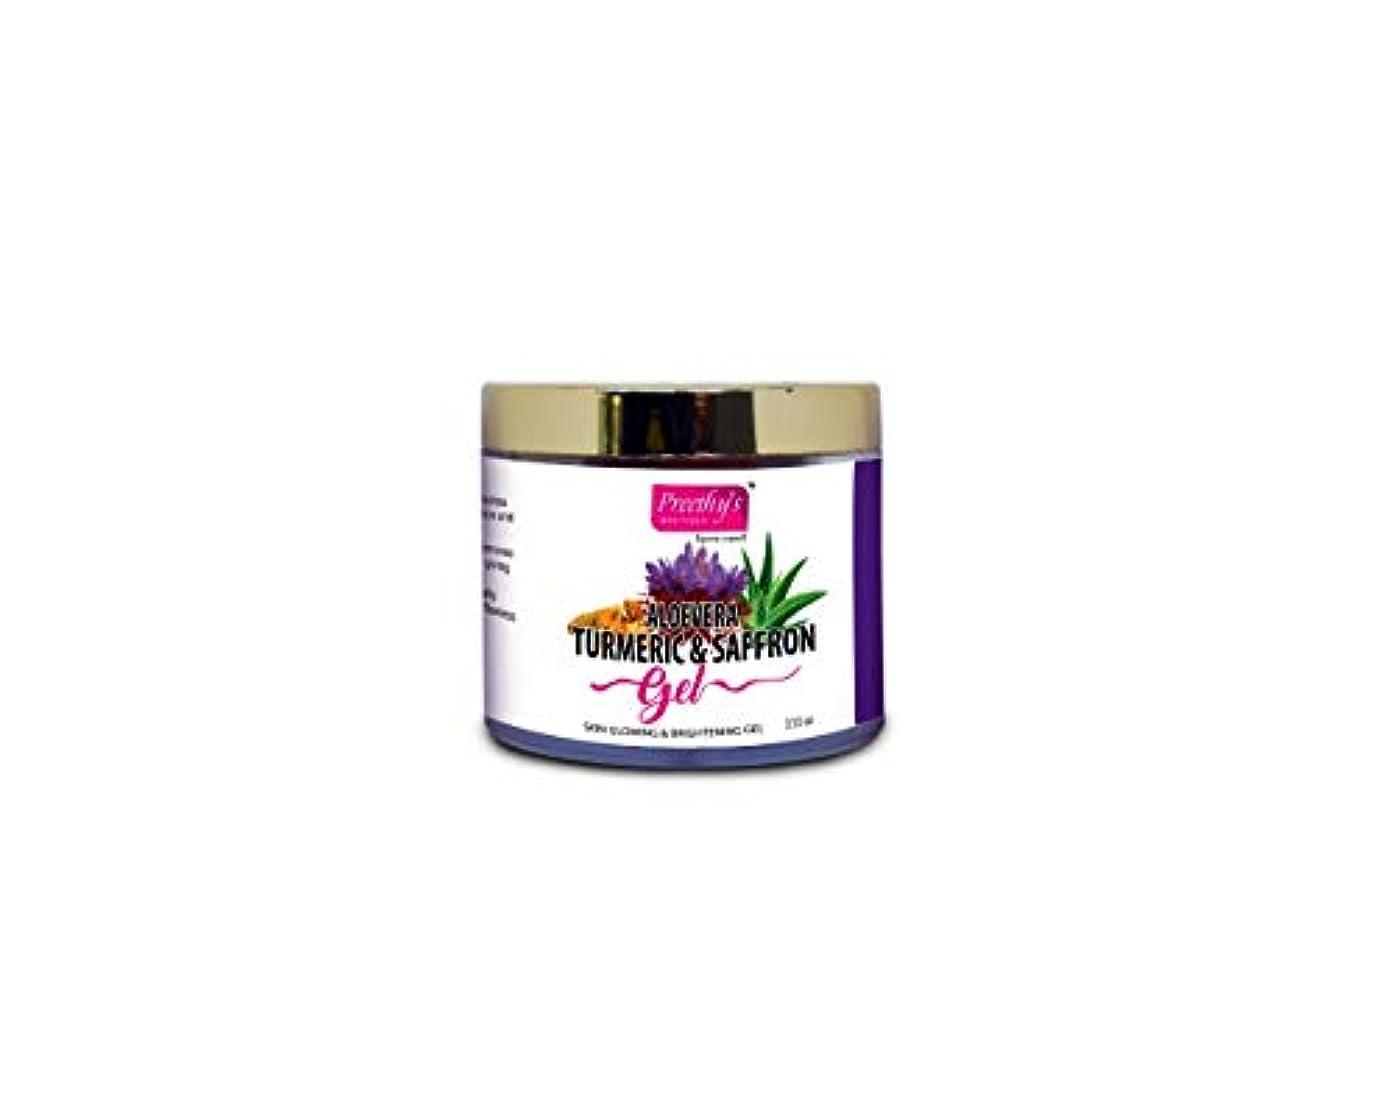 効果宣教師幅Aloevera Moisturizing Gel with turmeric & Saffron extracts 100 gm - Made with premium ingredients for natural...